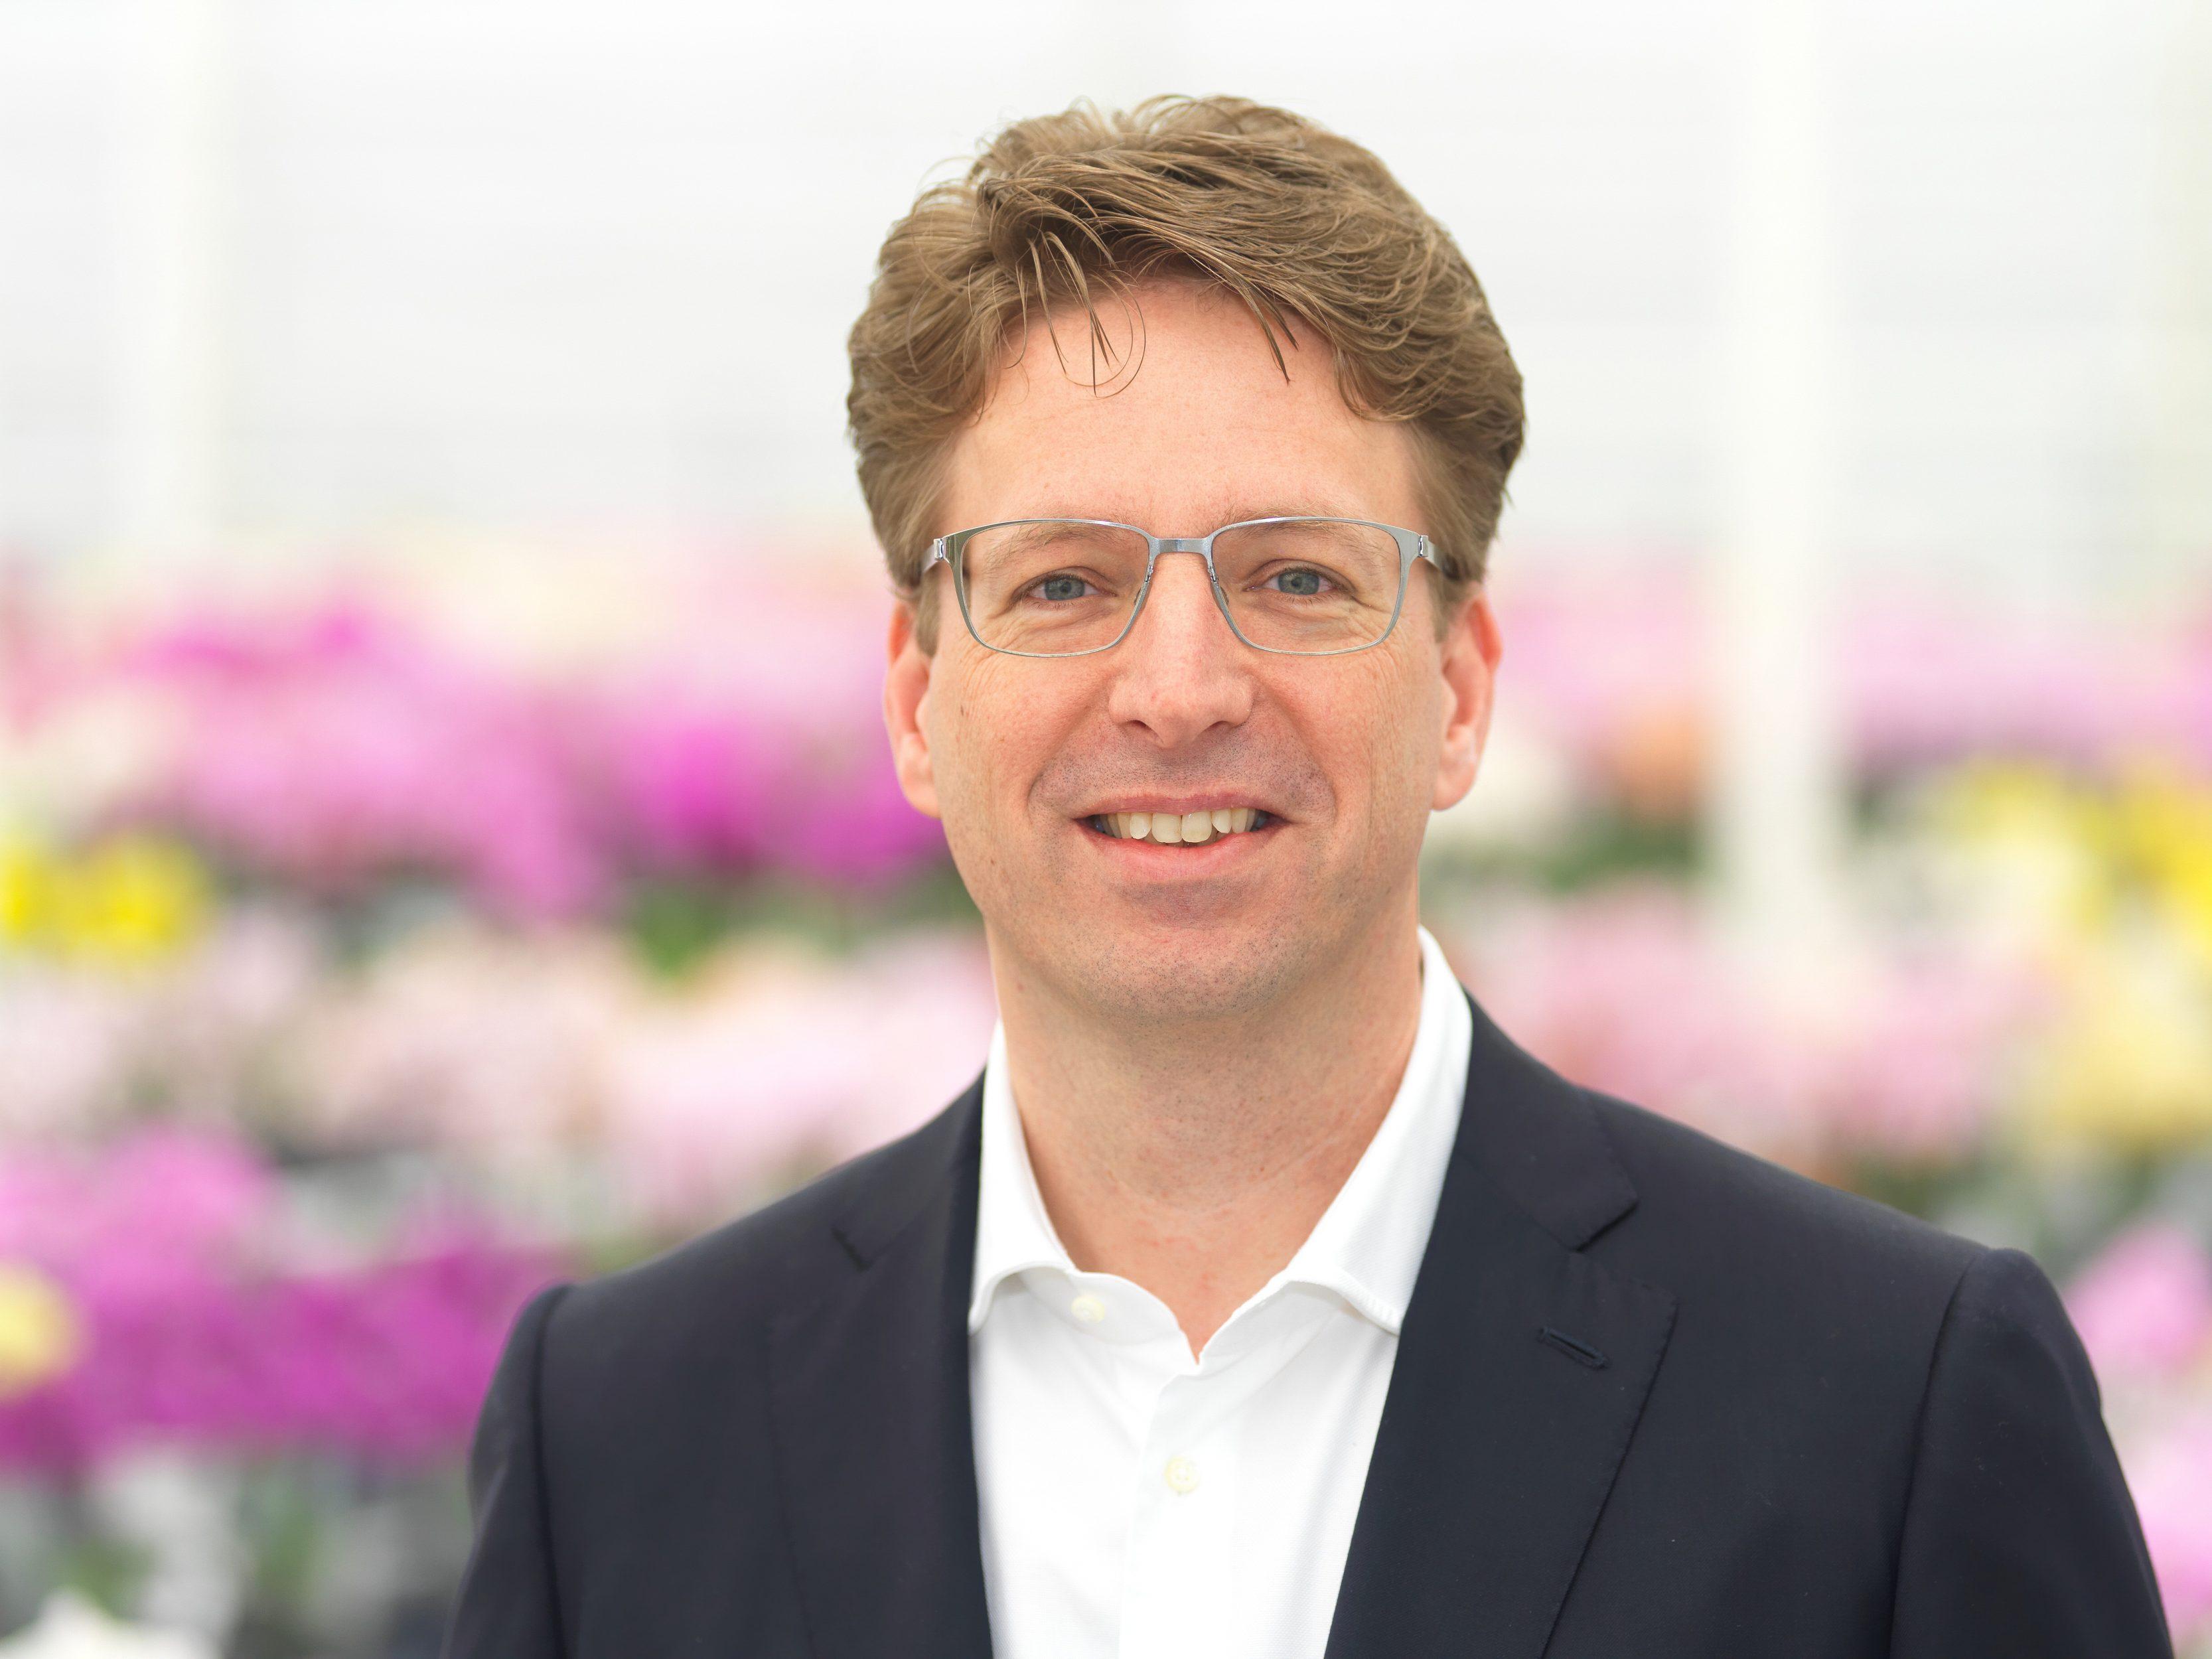 Iwan van der Knaap, Director